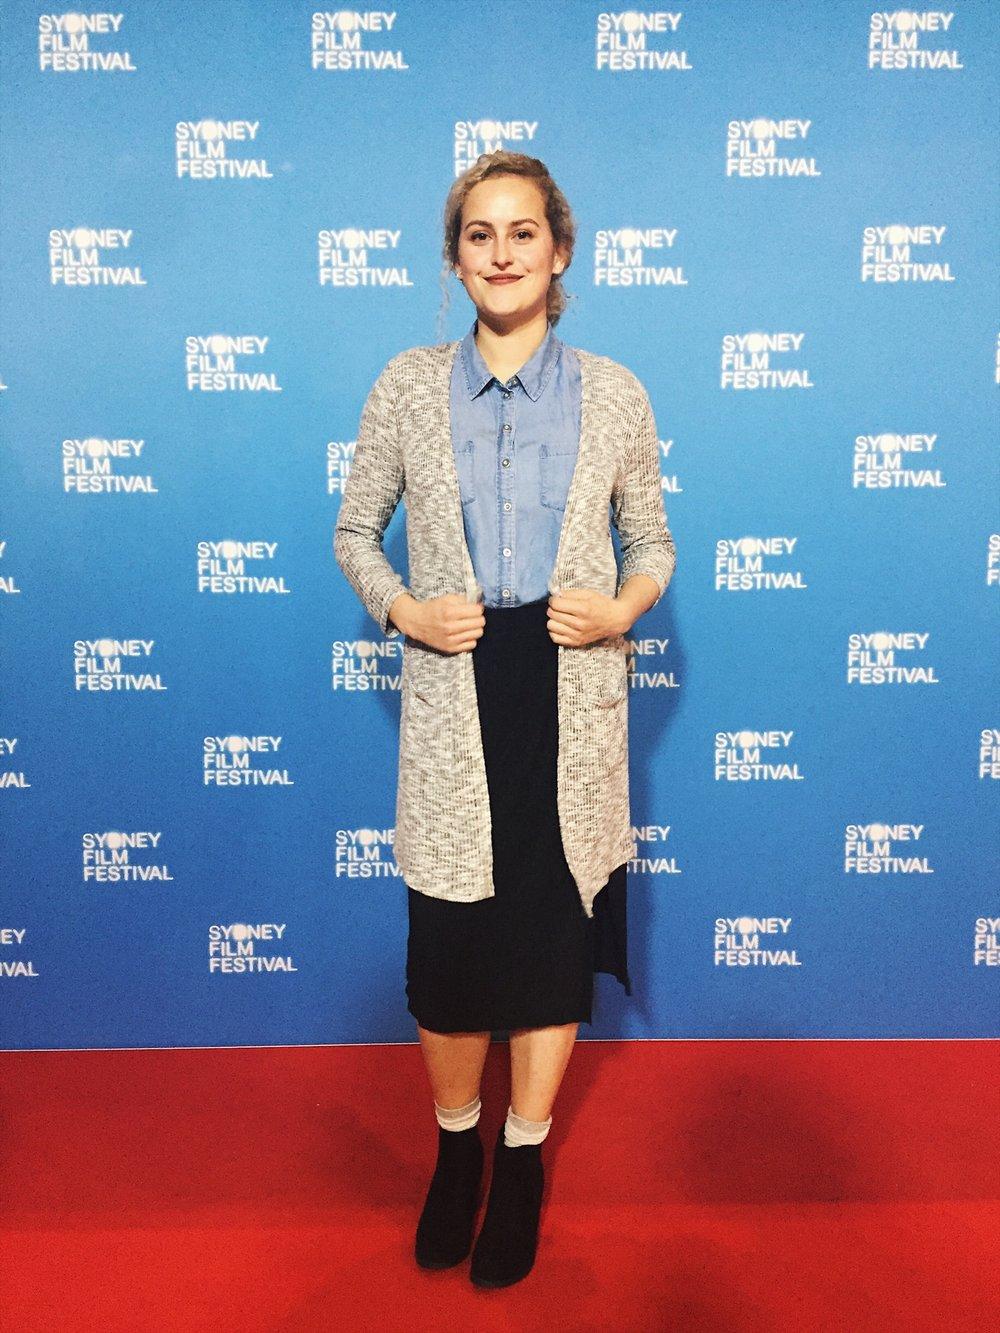 Adelle at Sydney Film Festival 2017